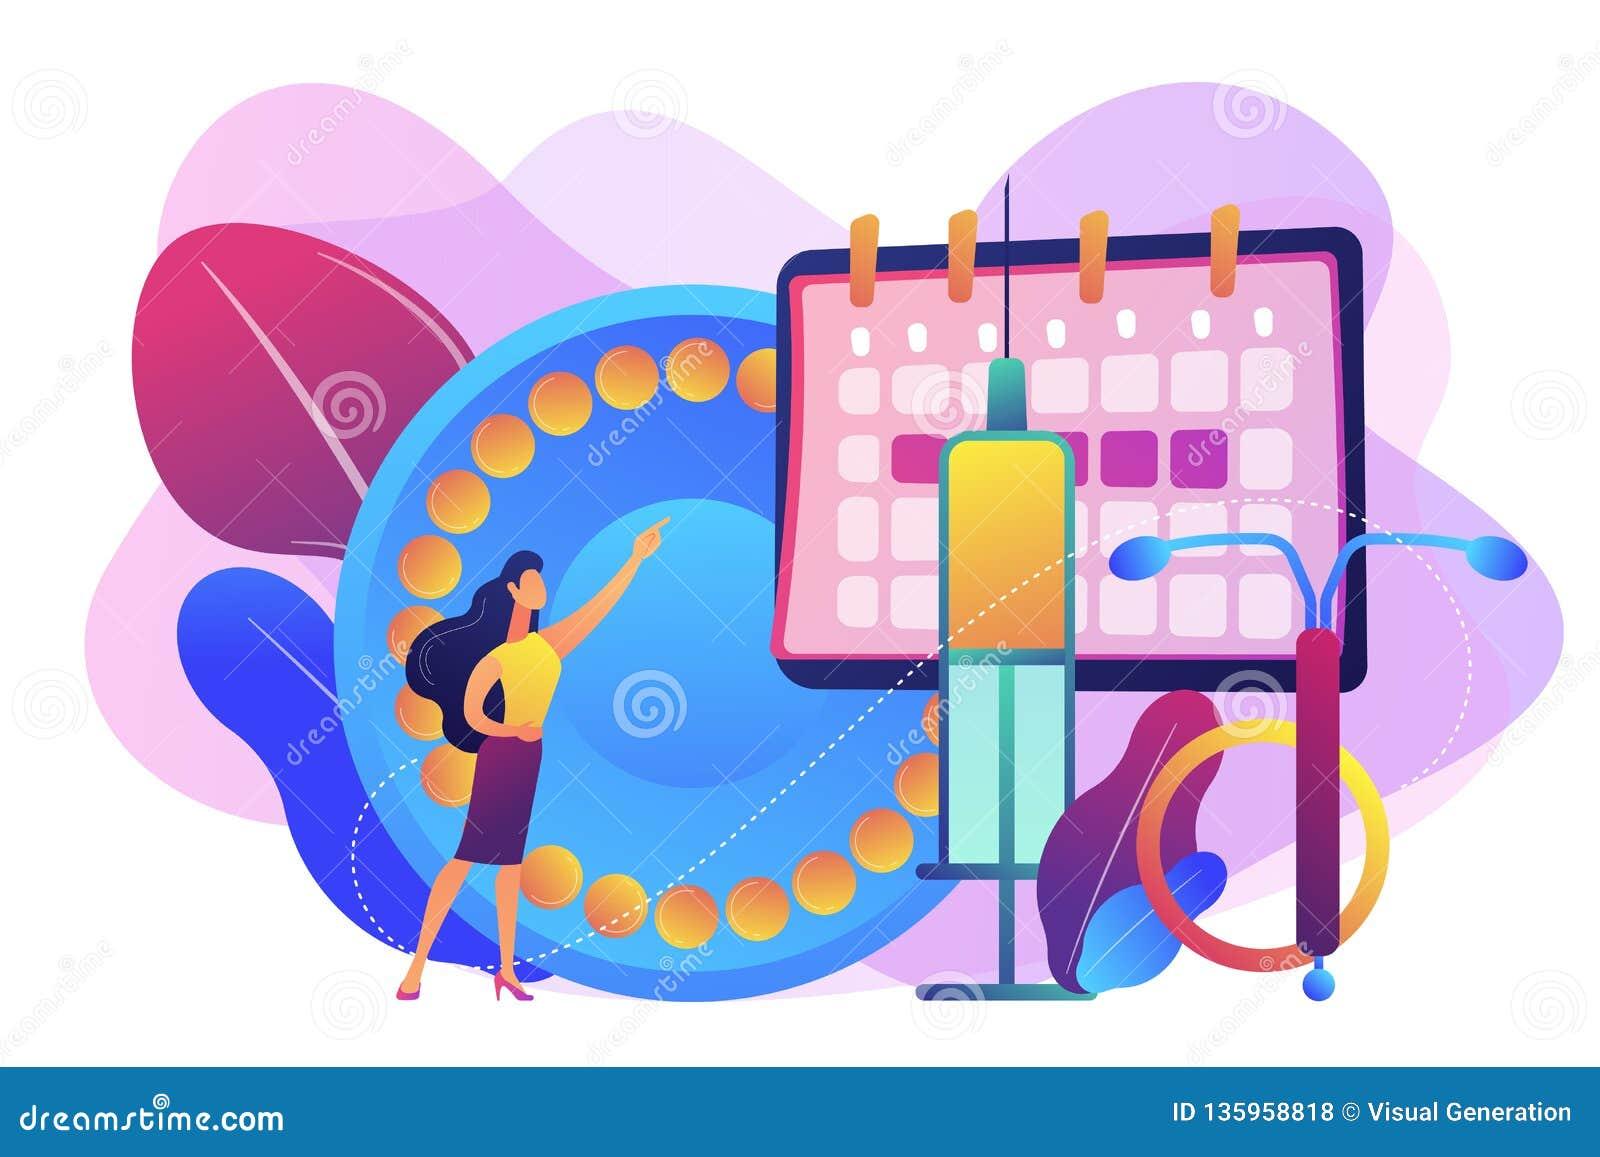 Weibliche Konzept-Vektorillustration der empfängnisverhütenden Mittel